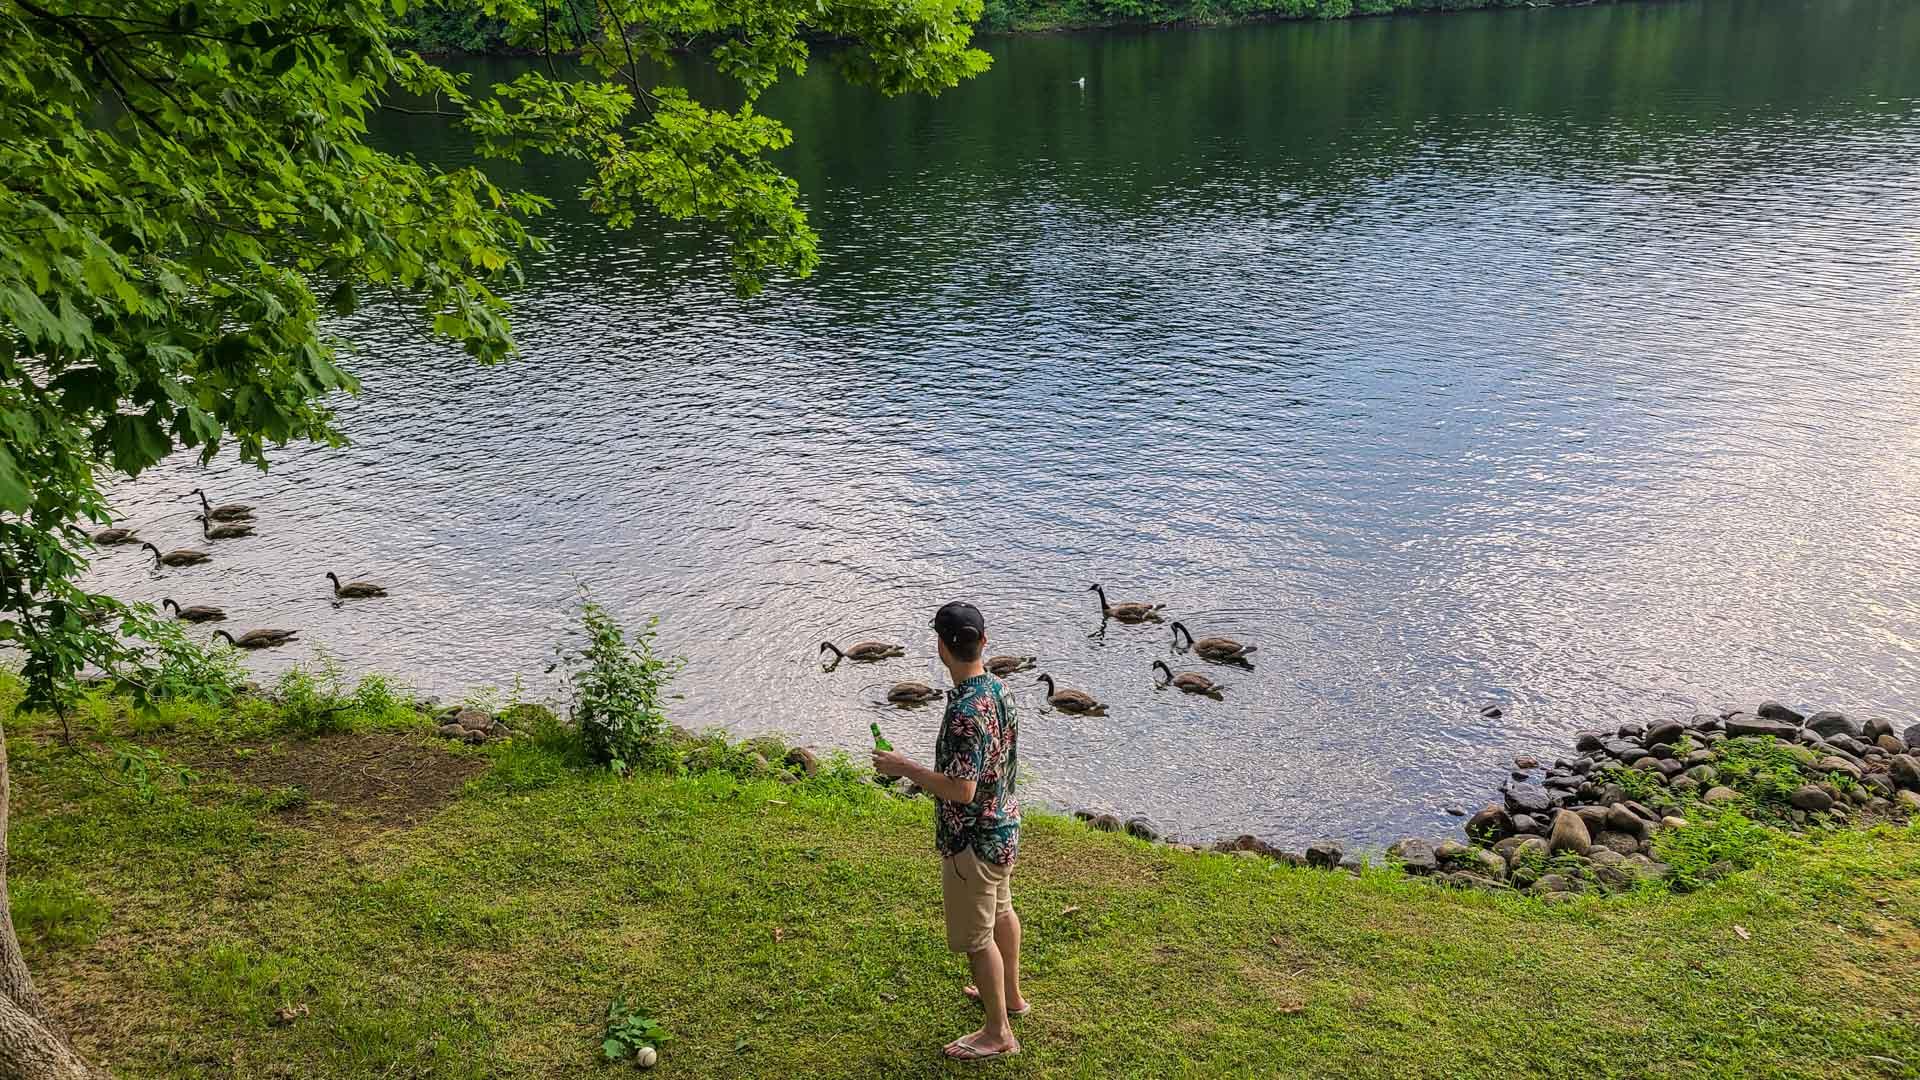 Patos en el río Hudson, Lake Luzerne, Nueva York